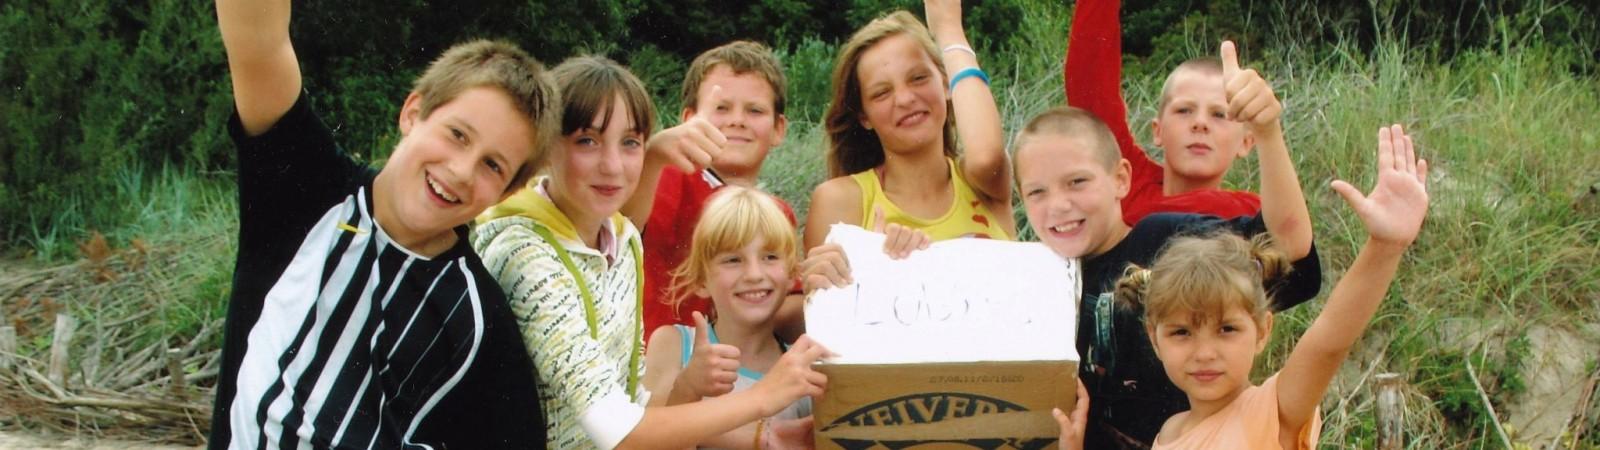 2011 - VVM - Kaunas - vaikai stovykloje labas